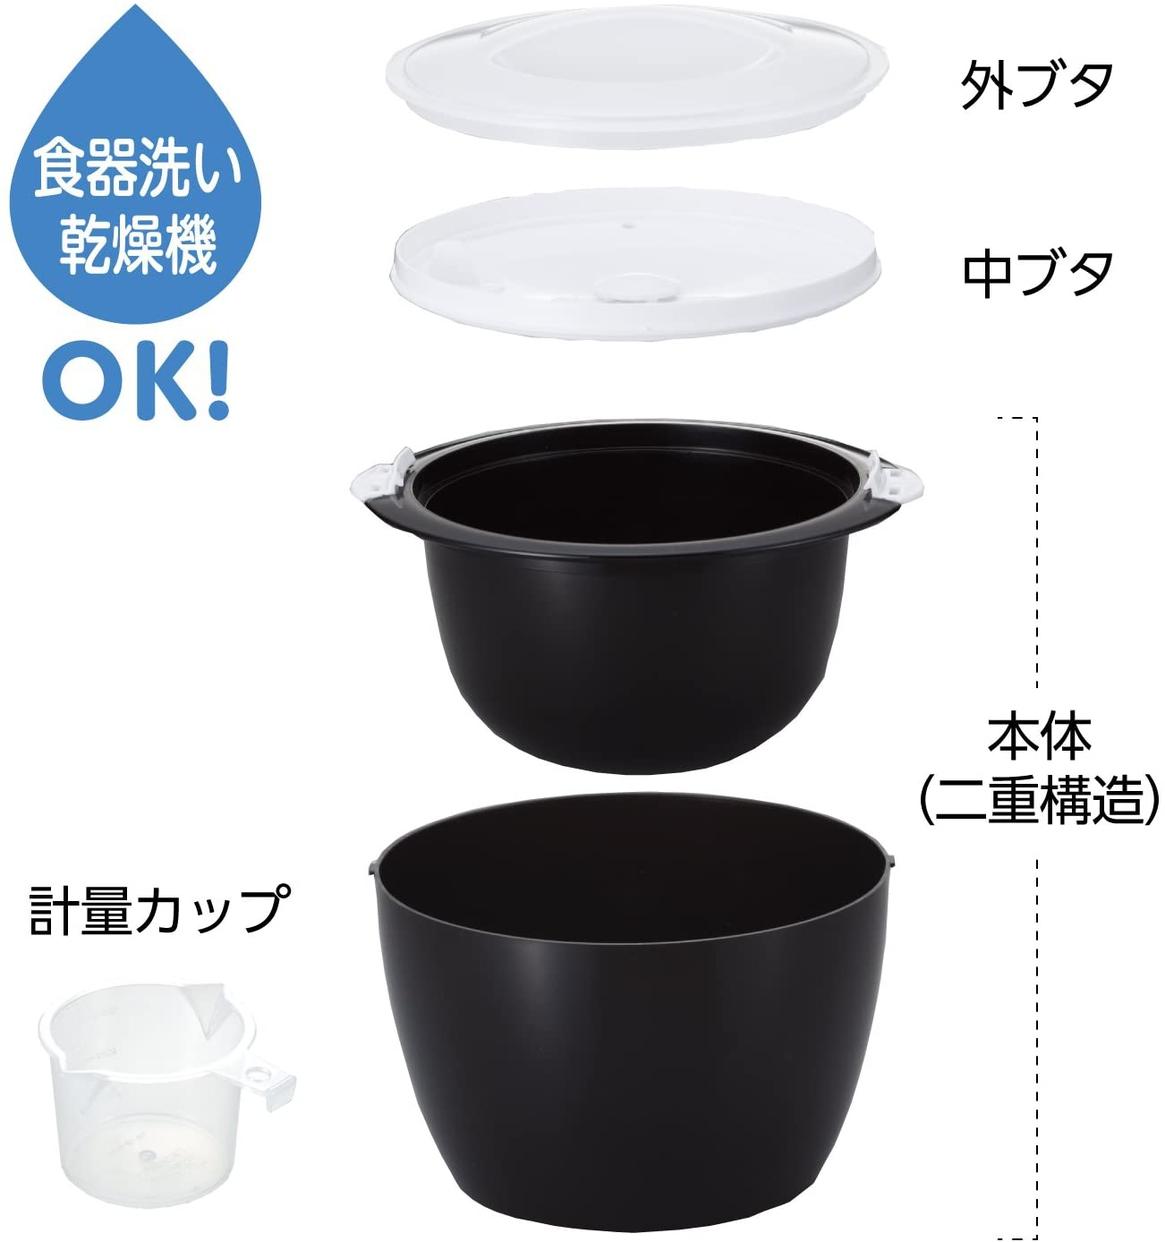 曙産業(AKEBONO) レンジご飯炊き BL-796の商品画像2